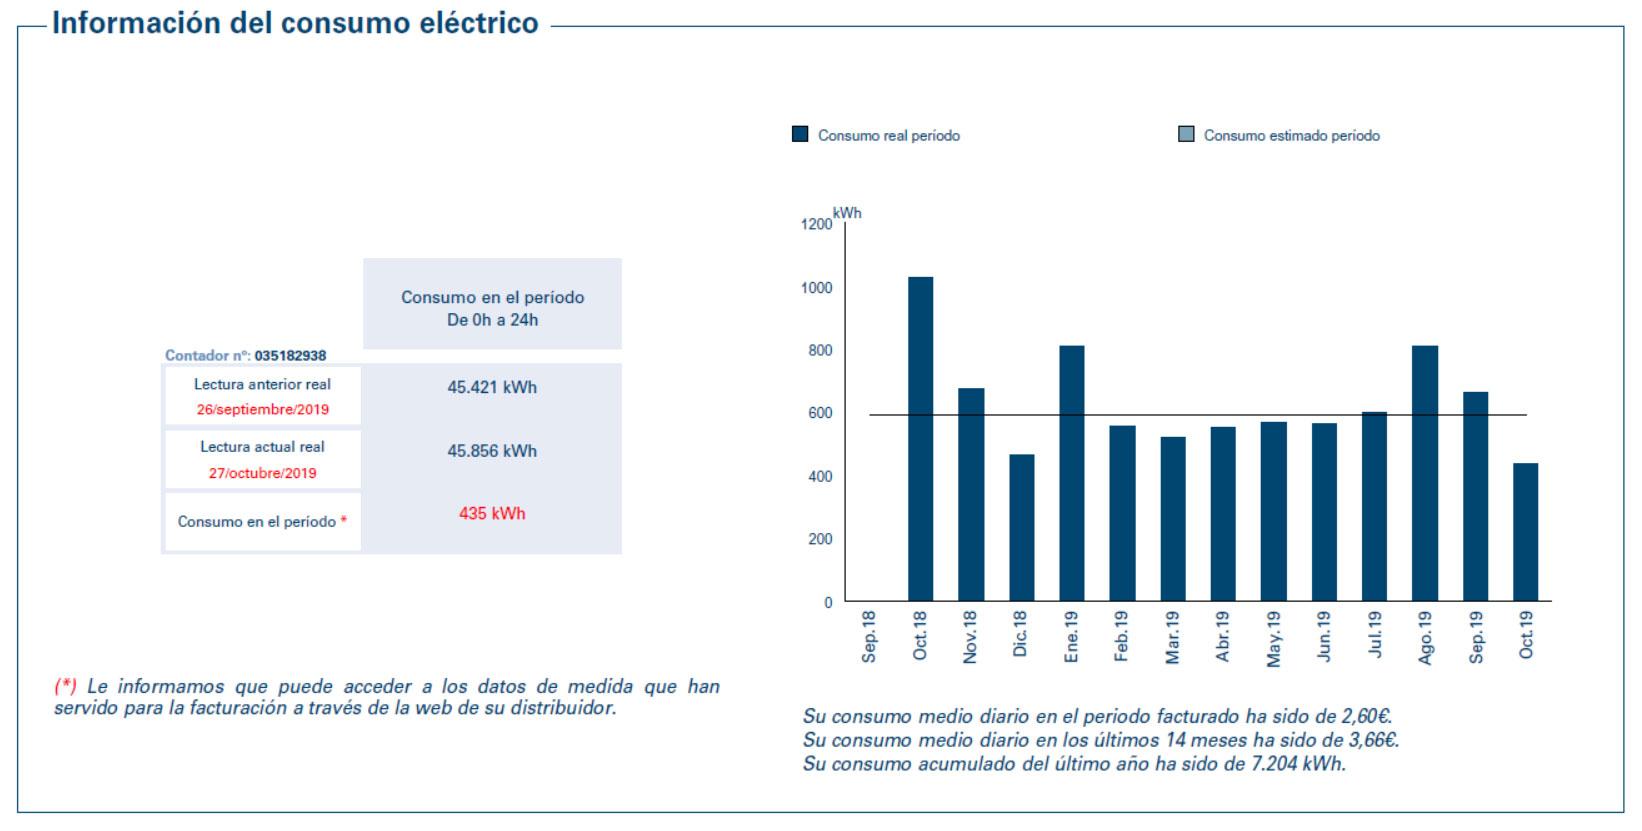 Información del consumo eléctrico en una vivienda